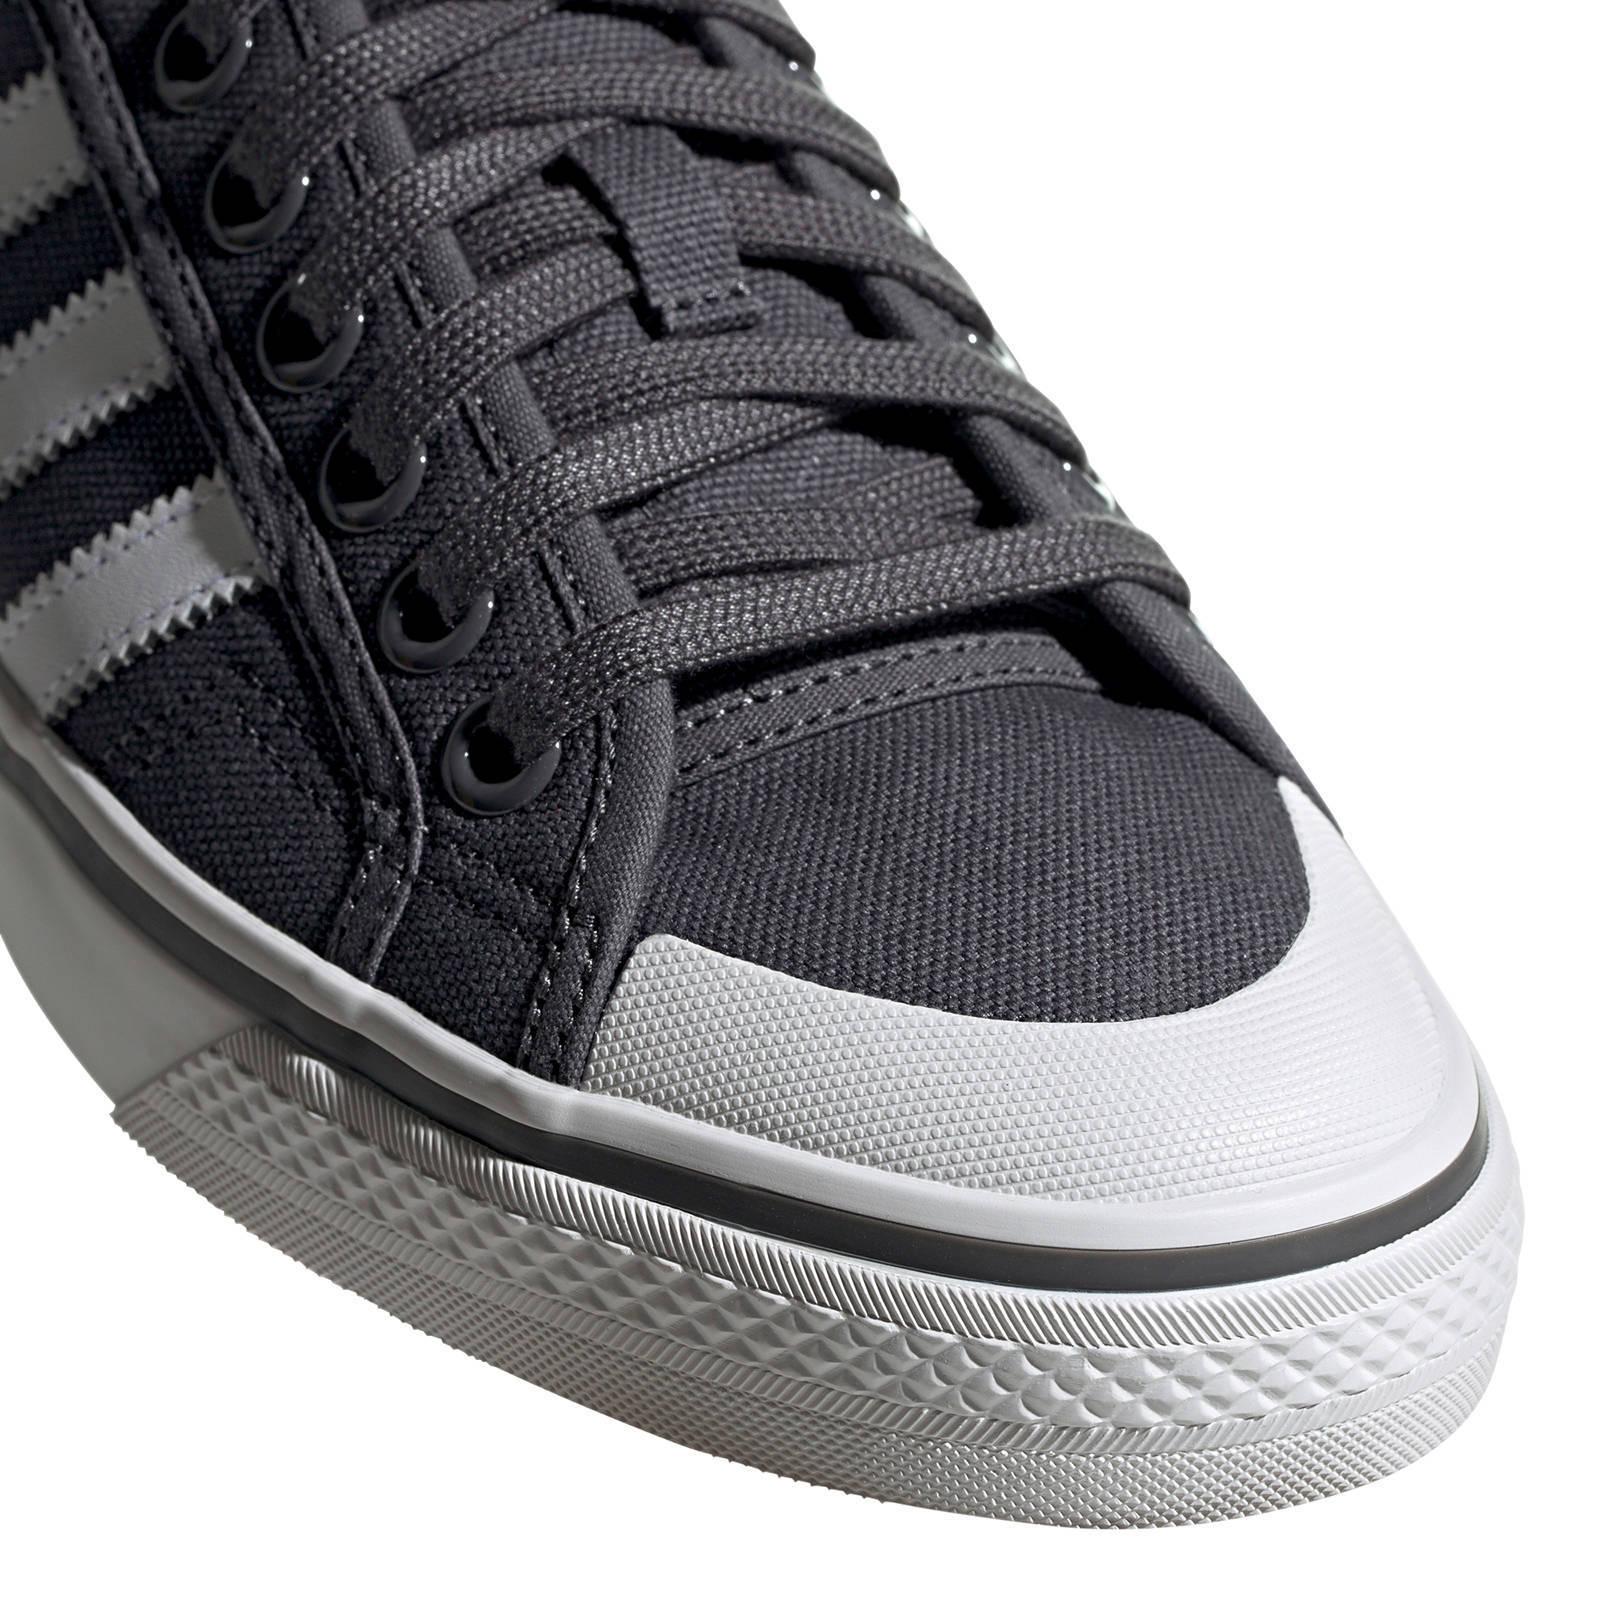 adidas originals Nizza sneakers antraciet   wehkamp